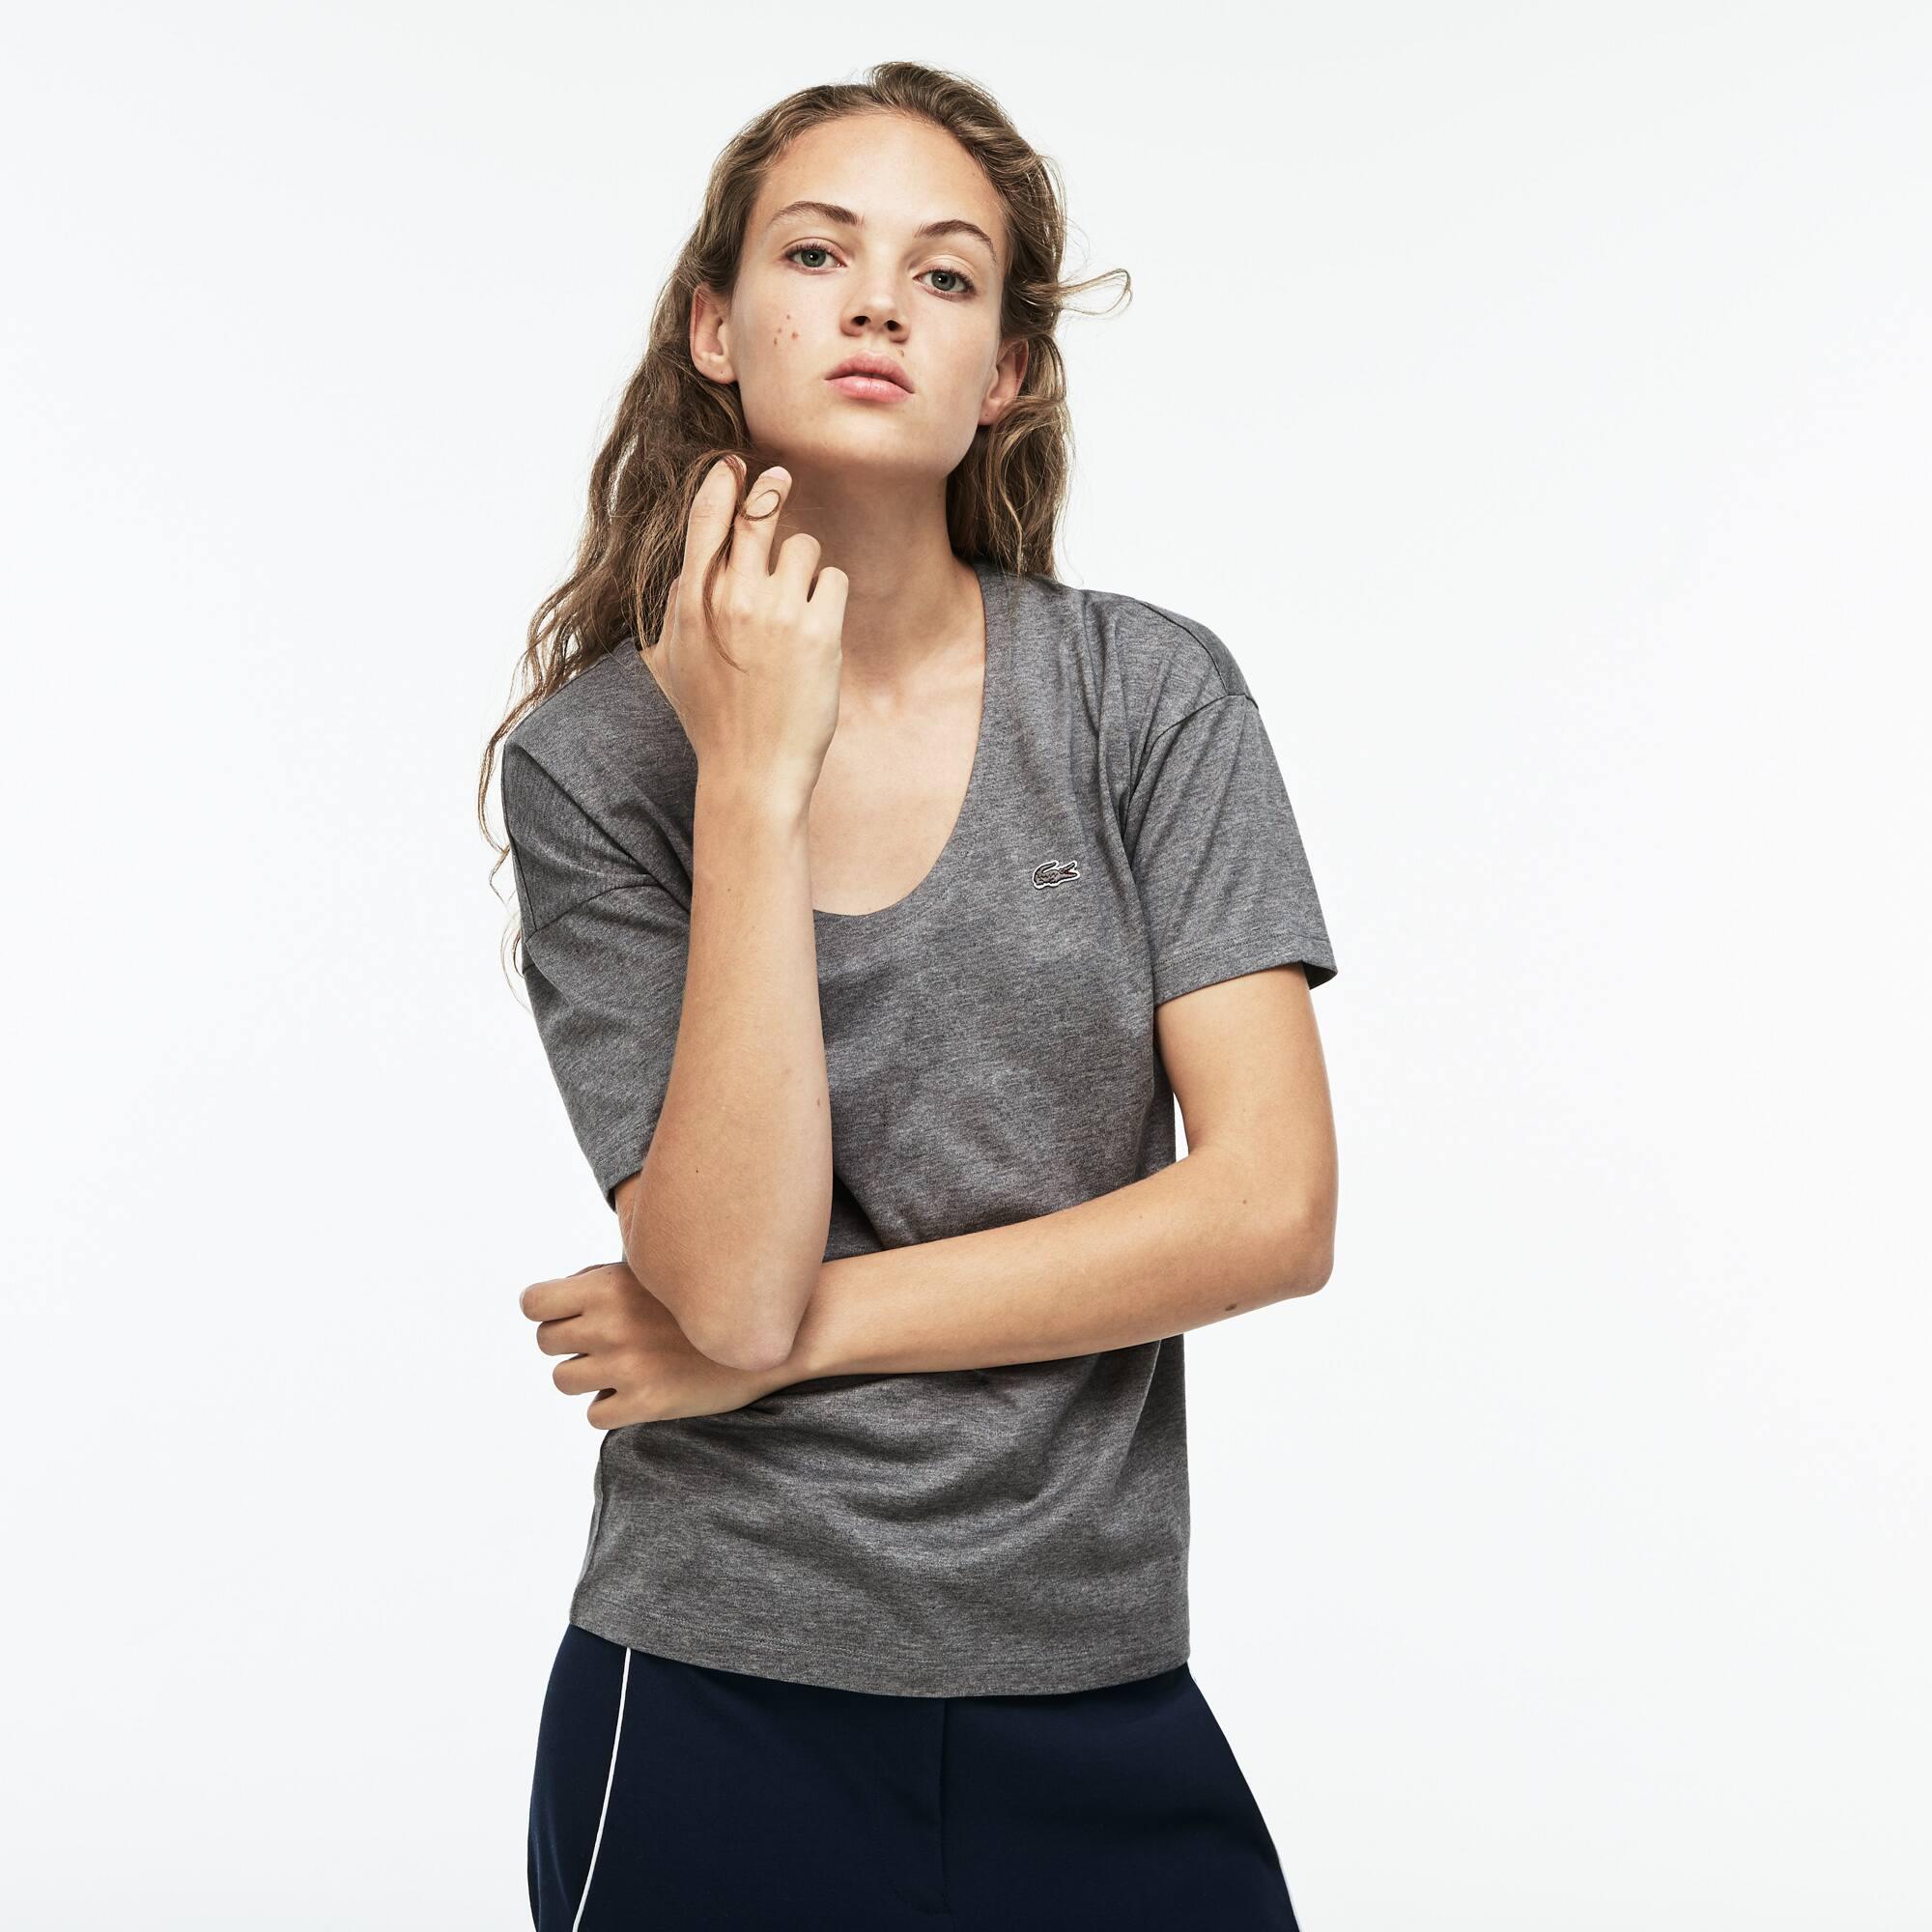 Damen-T-Shirt aus weichem Baumwolljersey mit breitem Ausschnitt